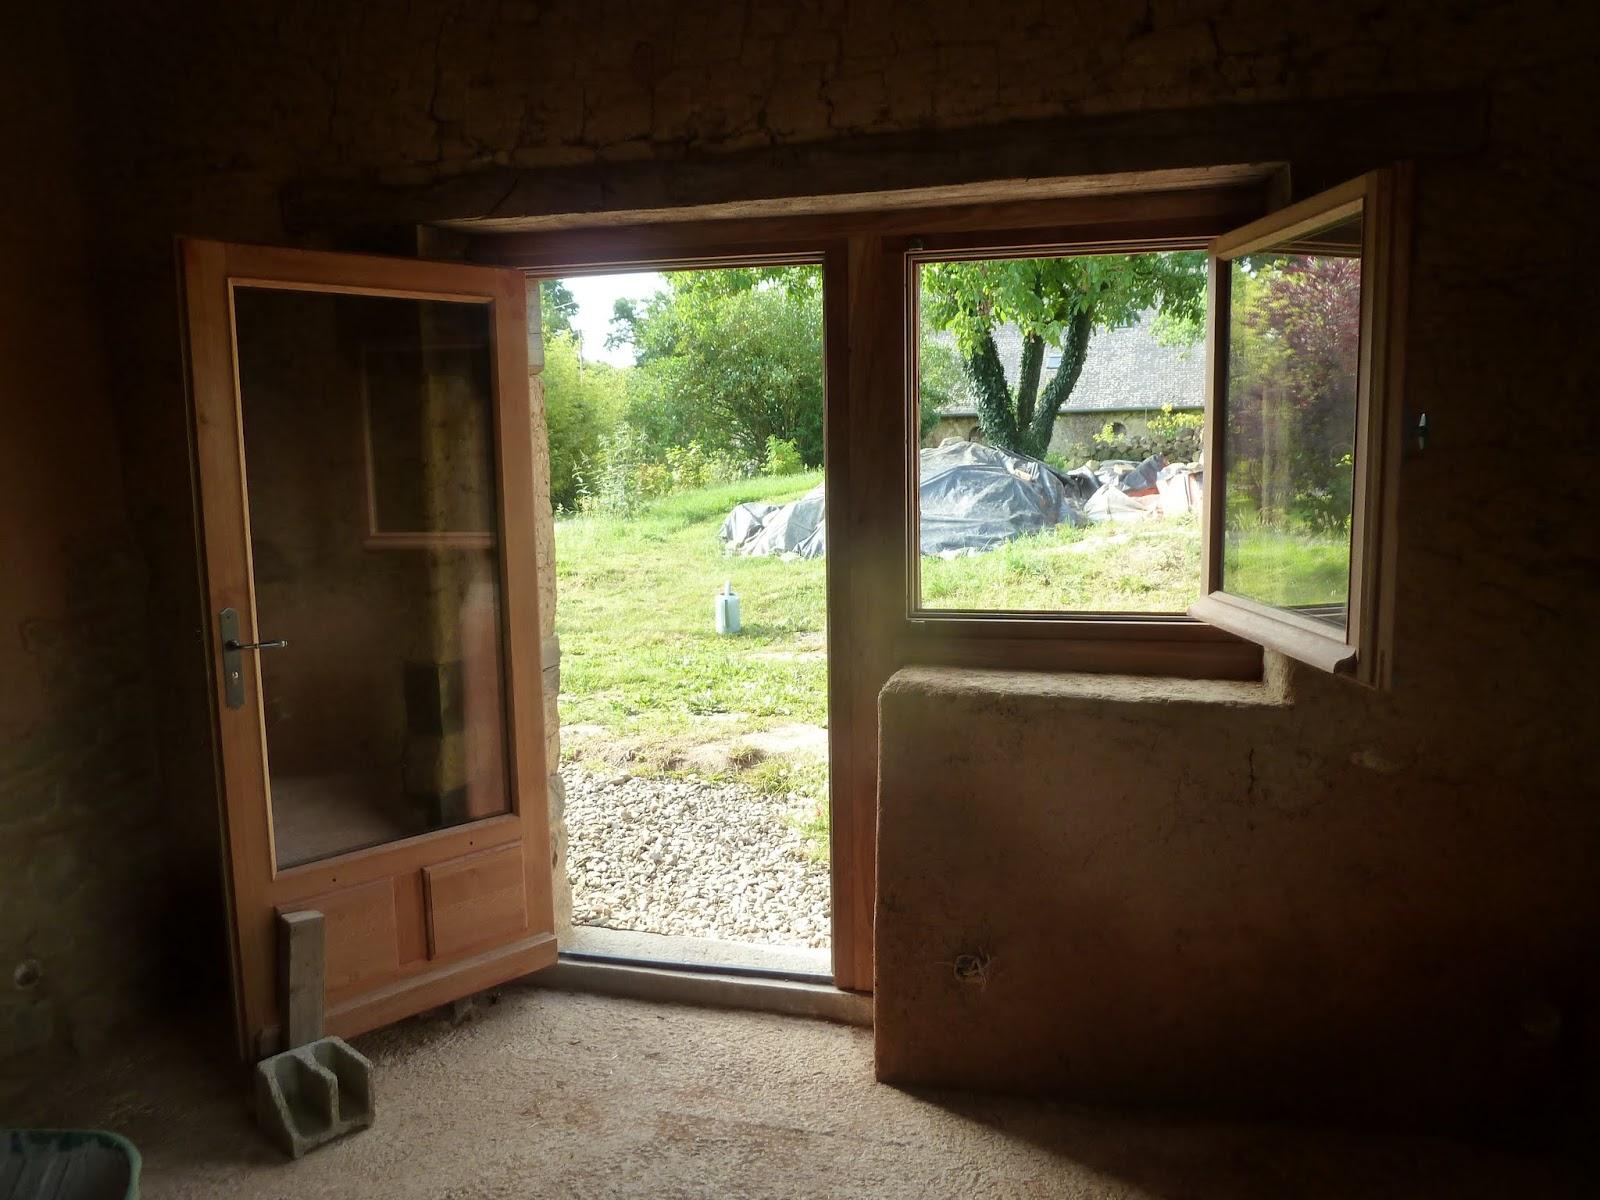 Surprise de taille la semaine suivante pose des portes et des fenêtres alors là pas de doute cest une maison